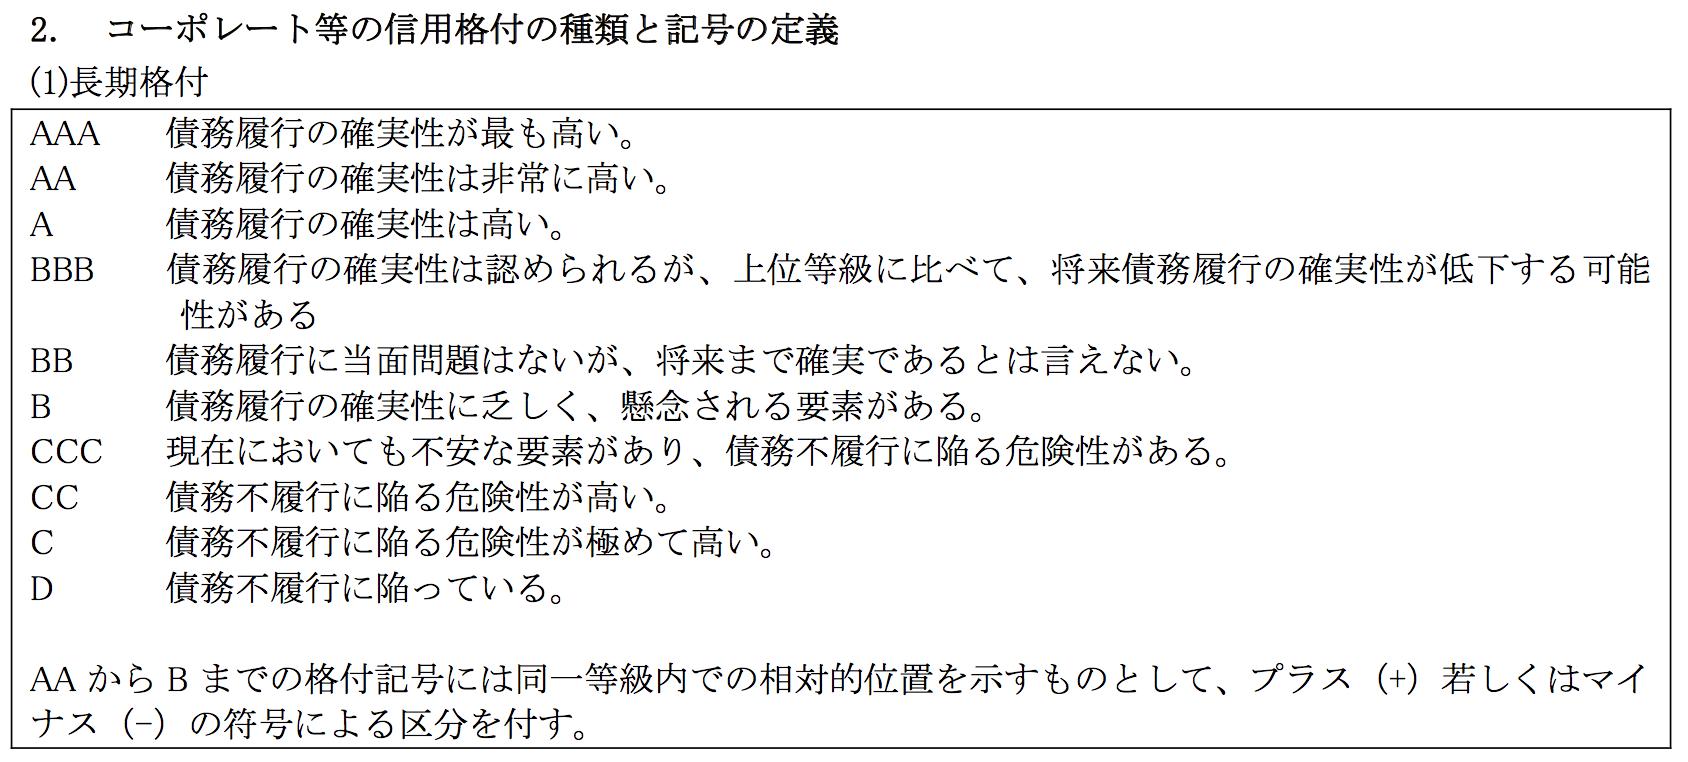 スクリーンショット 2017-01-29 17.29.33